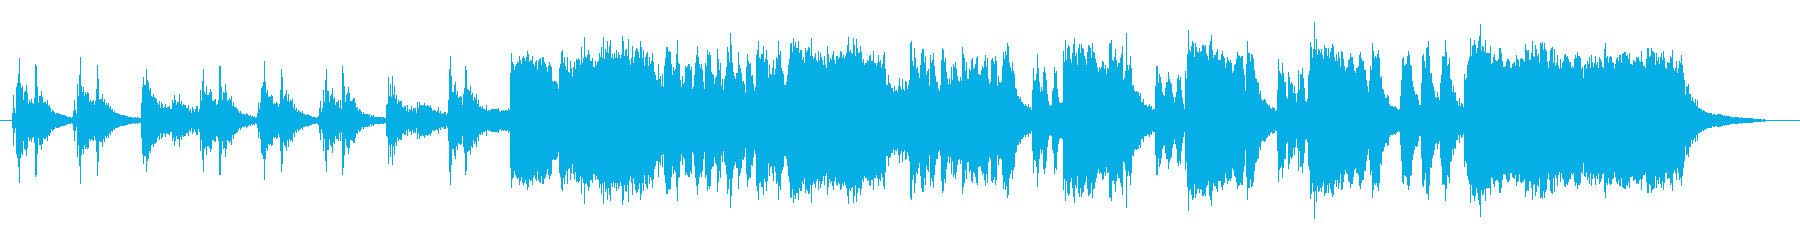 超ベタでわかりやすいブラスファンファーレの再生済みの波形